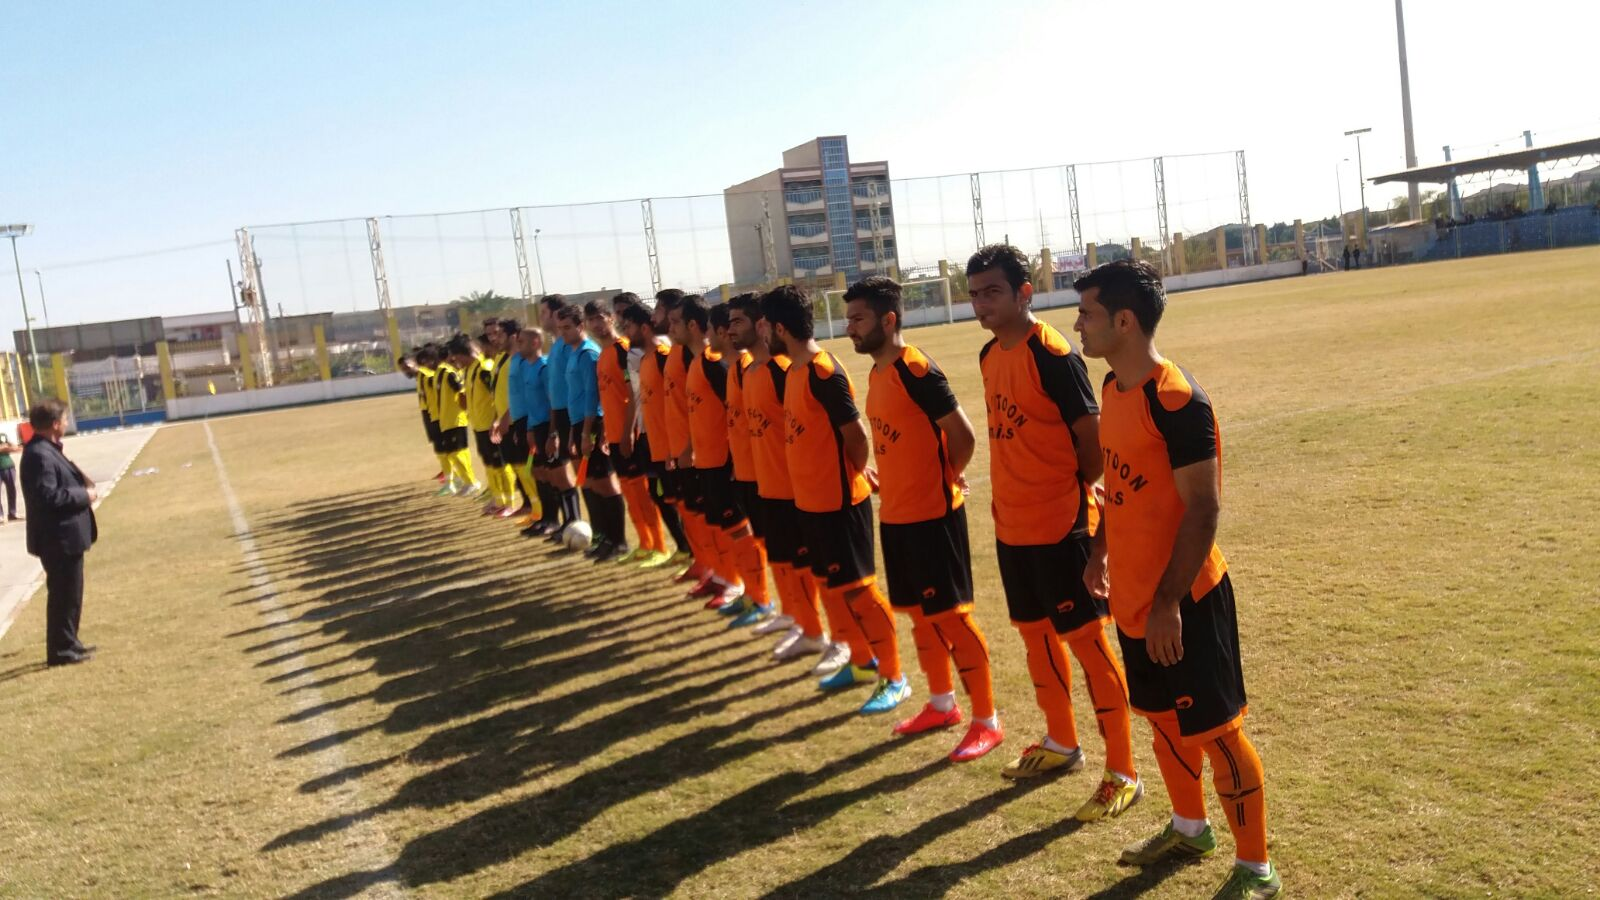 پیروزی پرگل نارنجی پوشان نفتون مقابل ملی حفاری در لیگ سه